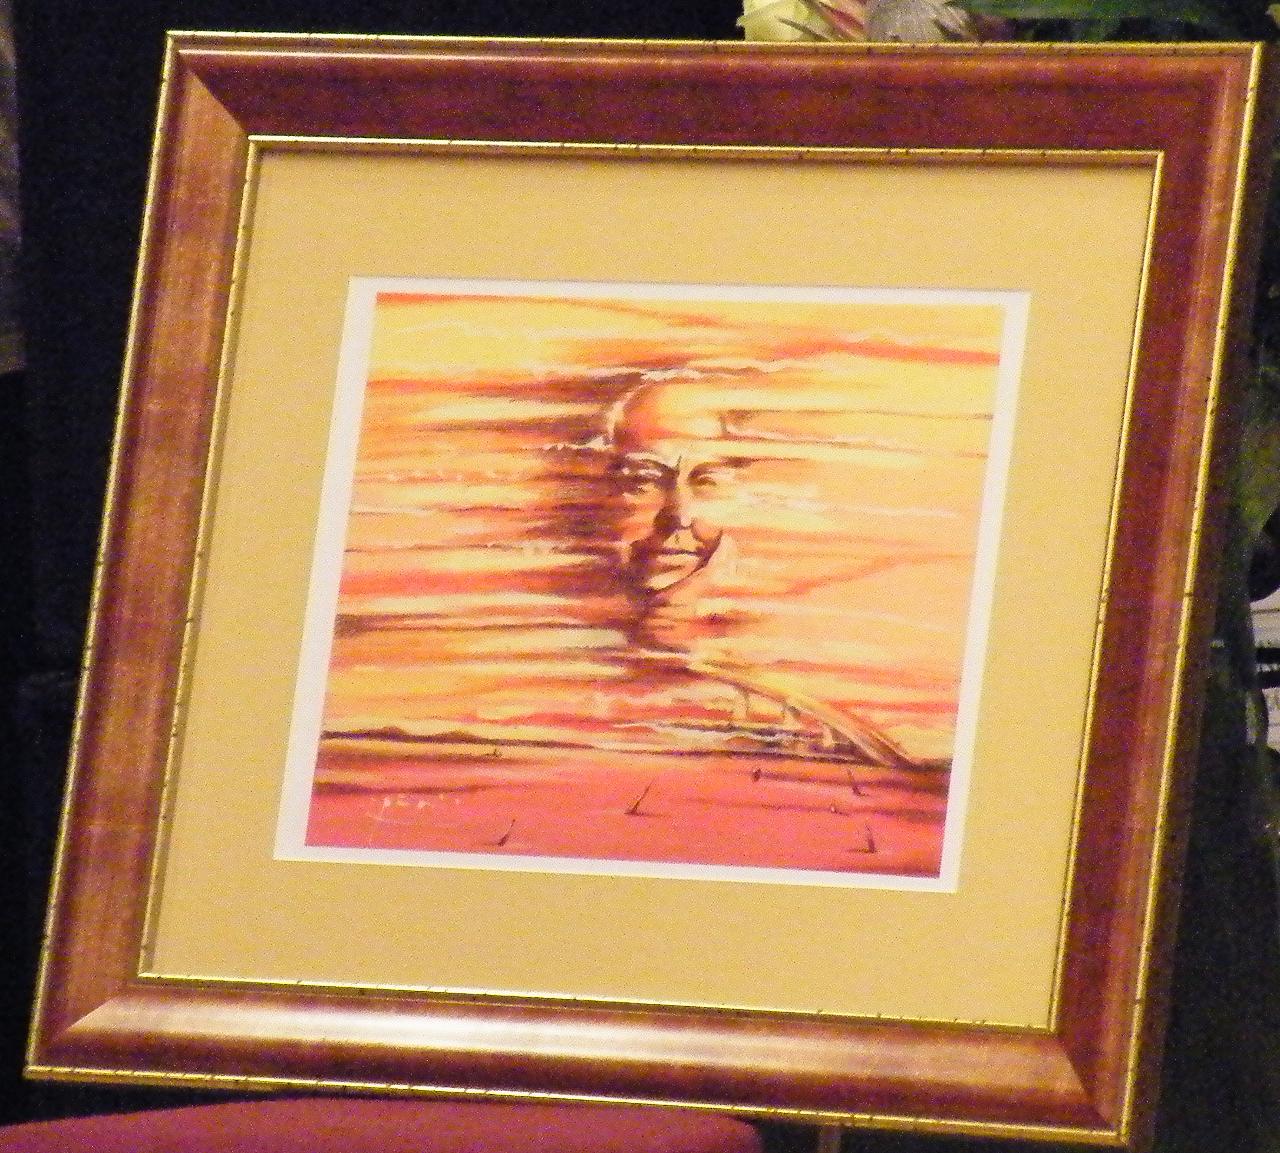 L. Ron Hubbard kép, amely a Los Angeles-i múzeumban látható (2008.)